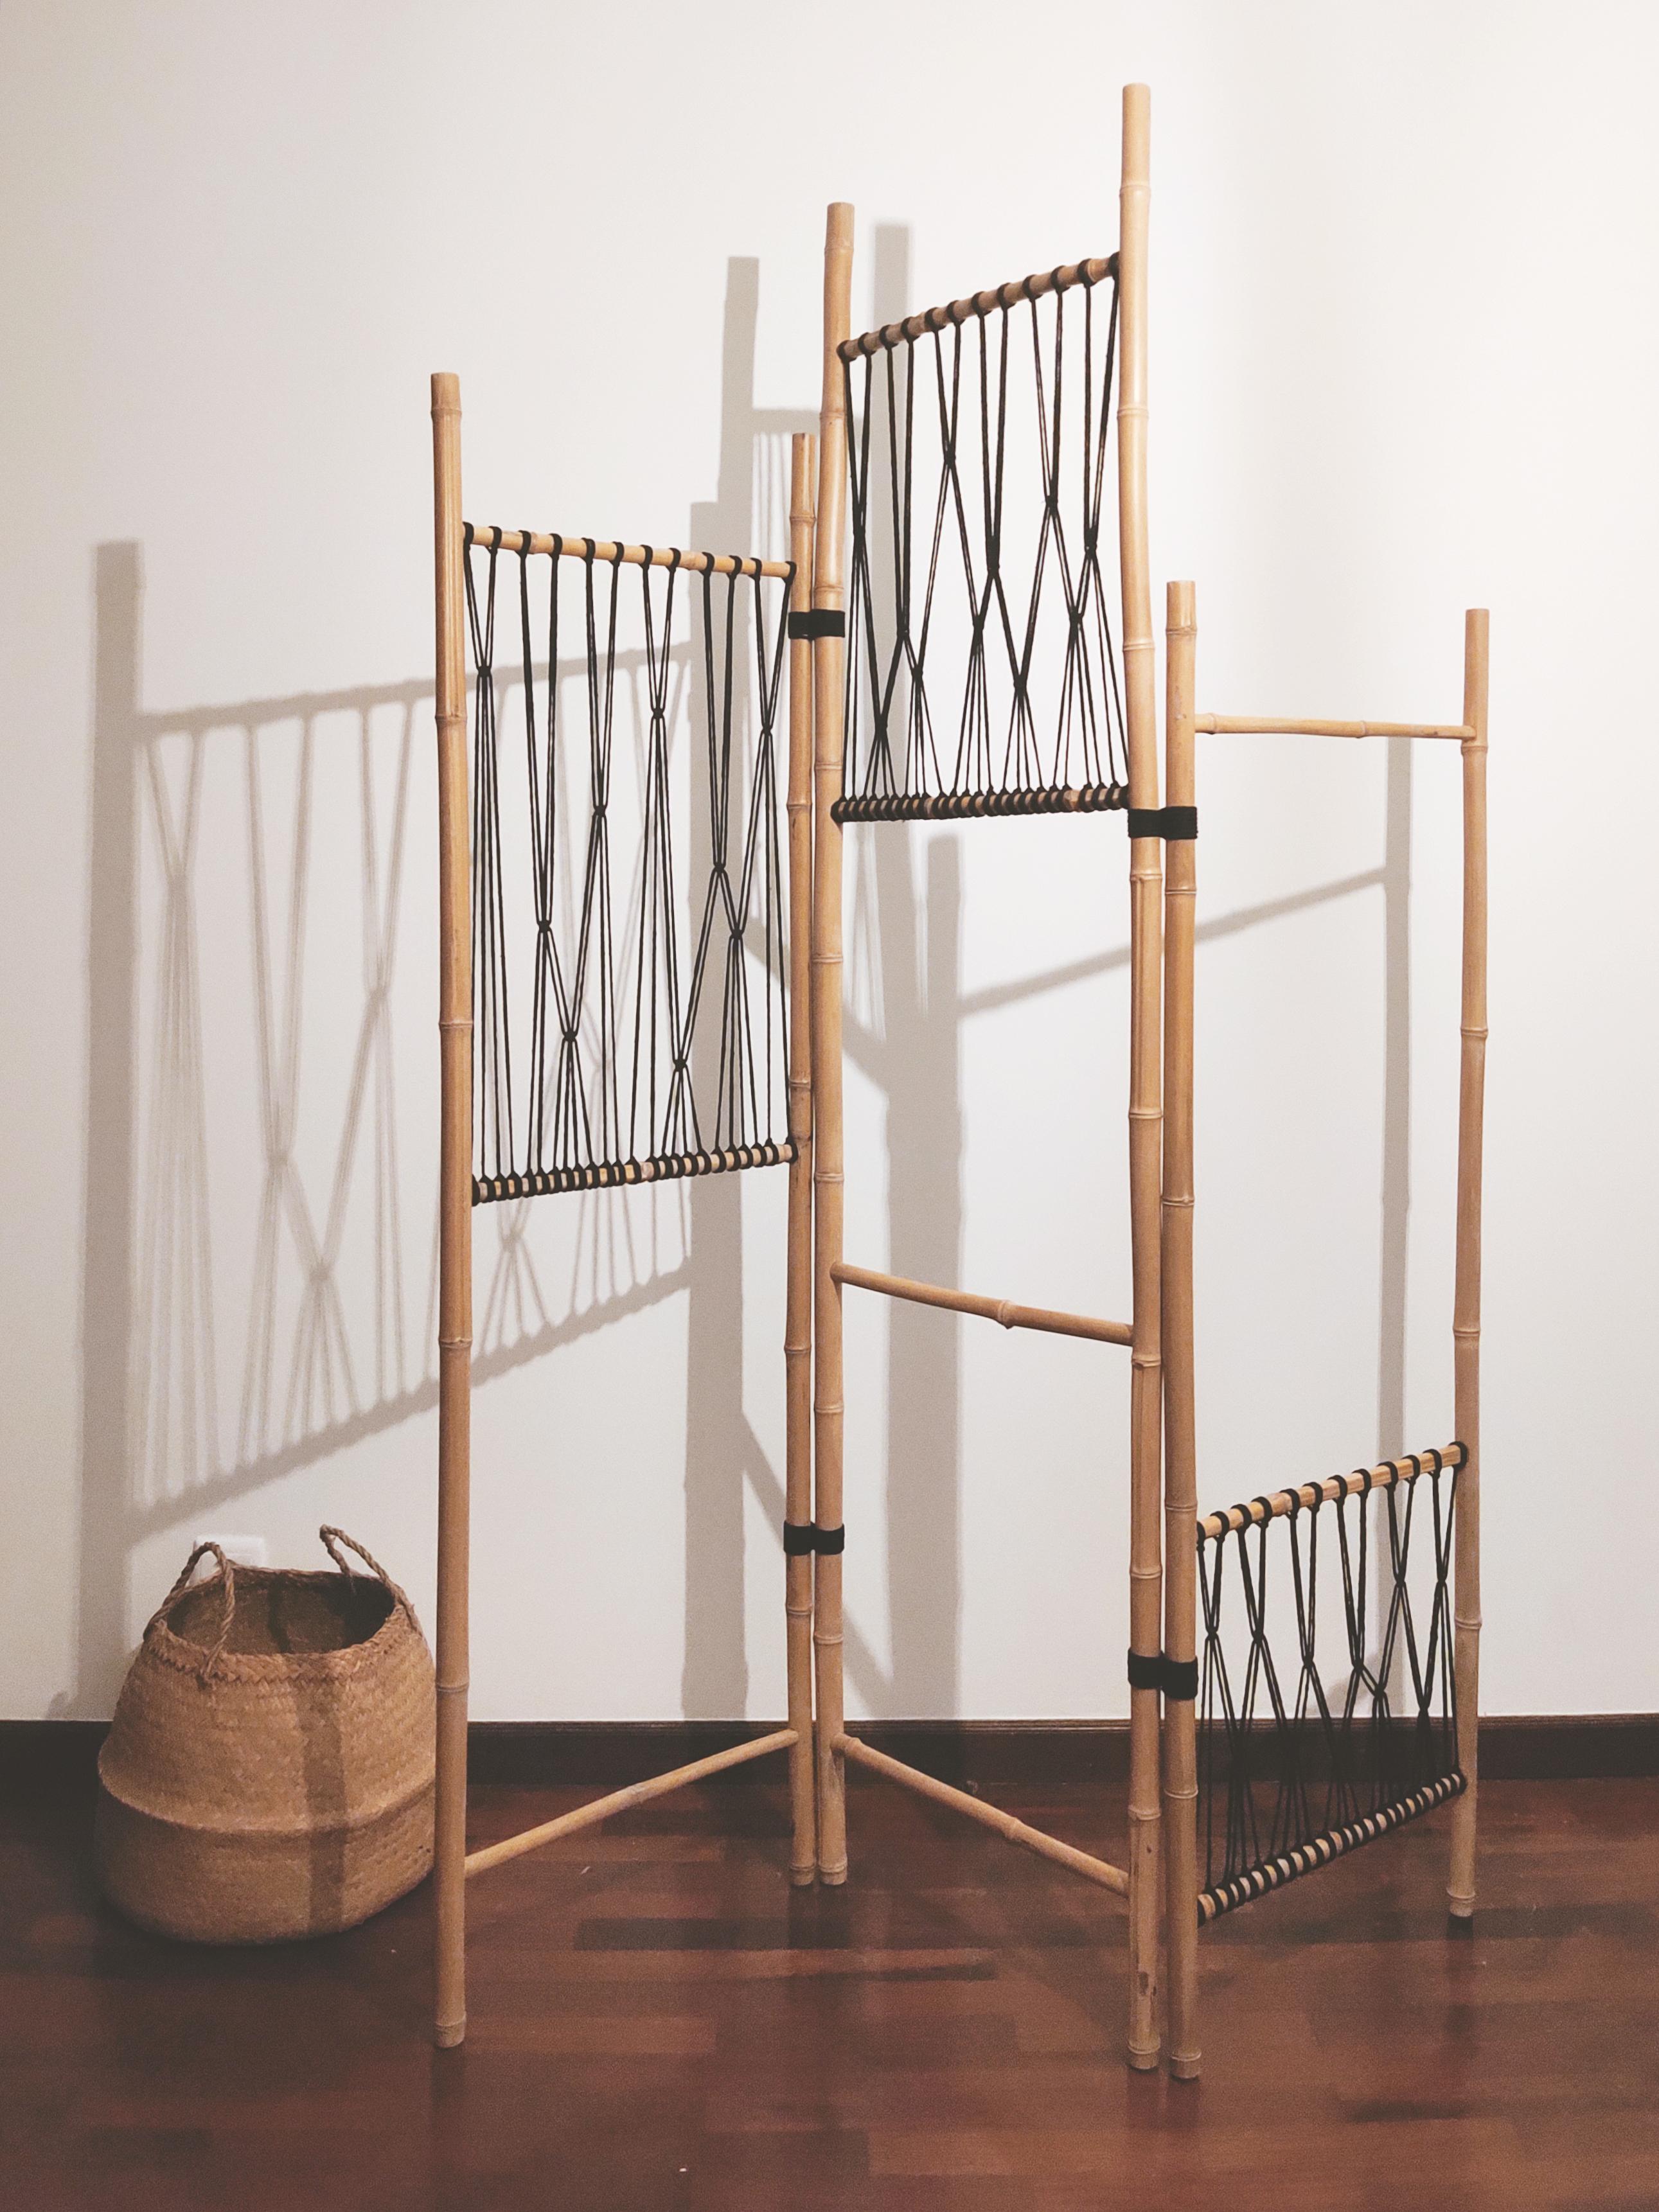 Bamboo Biombo